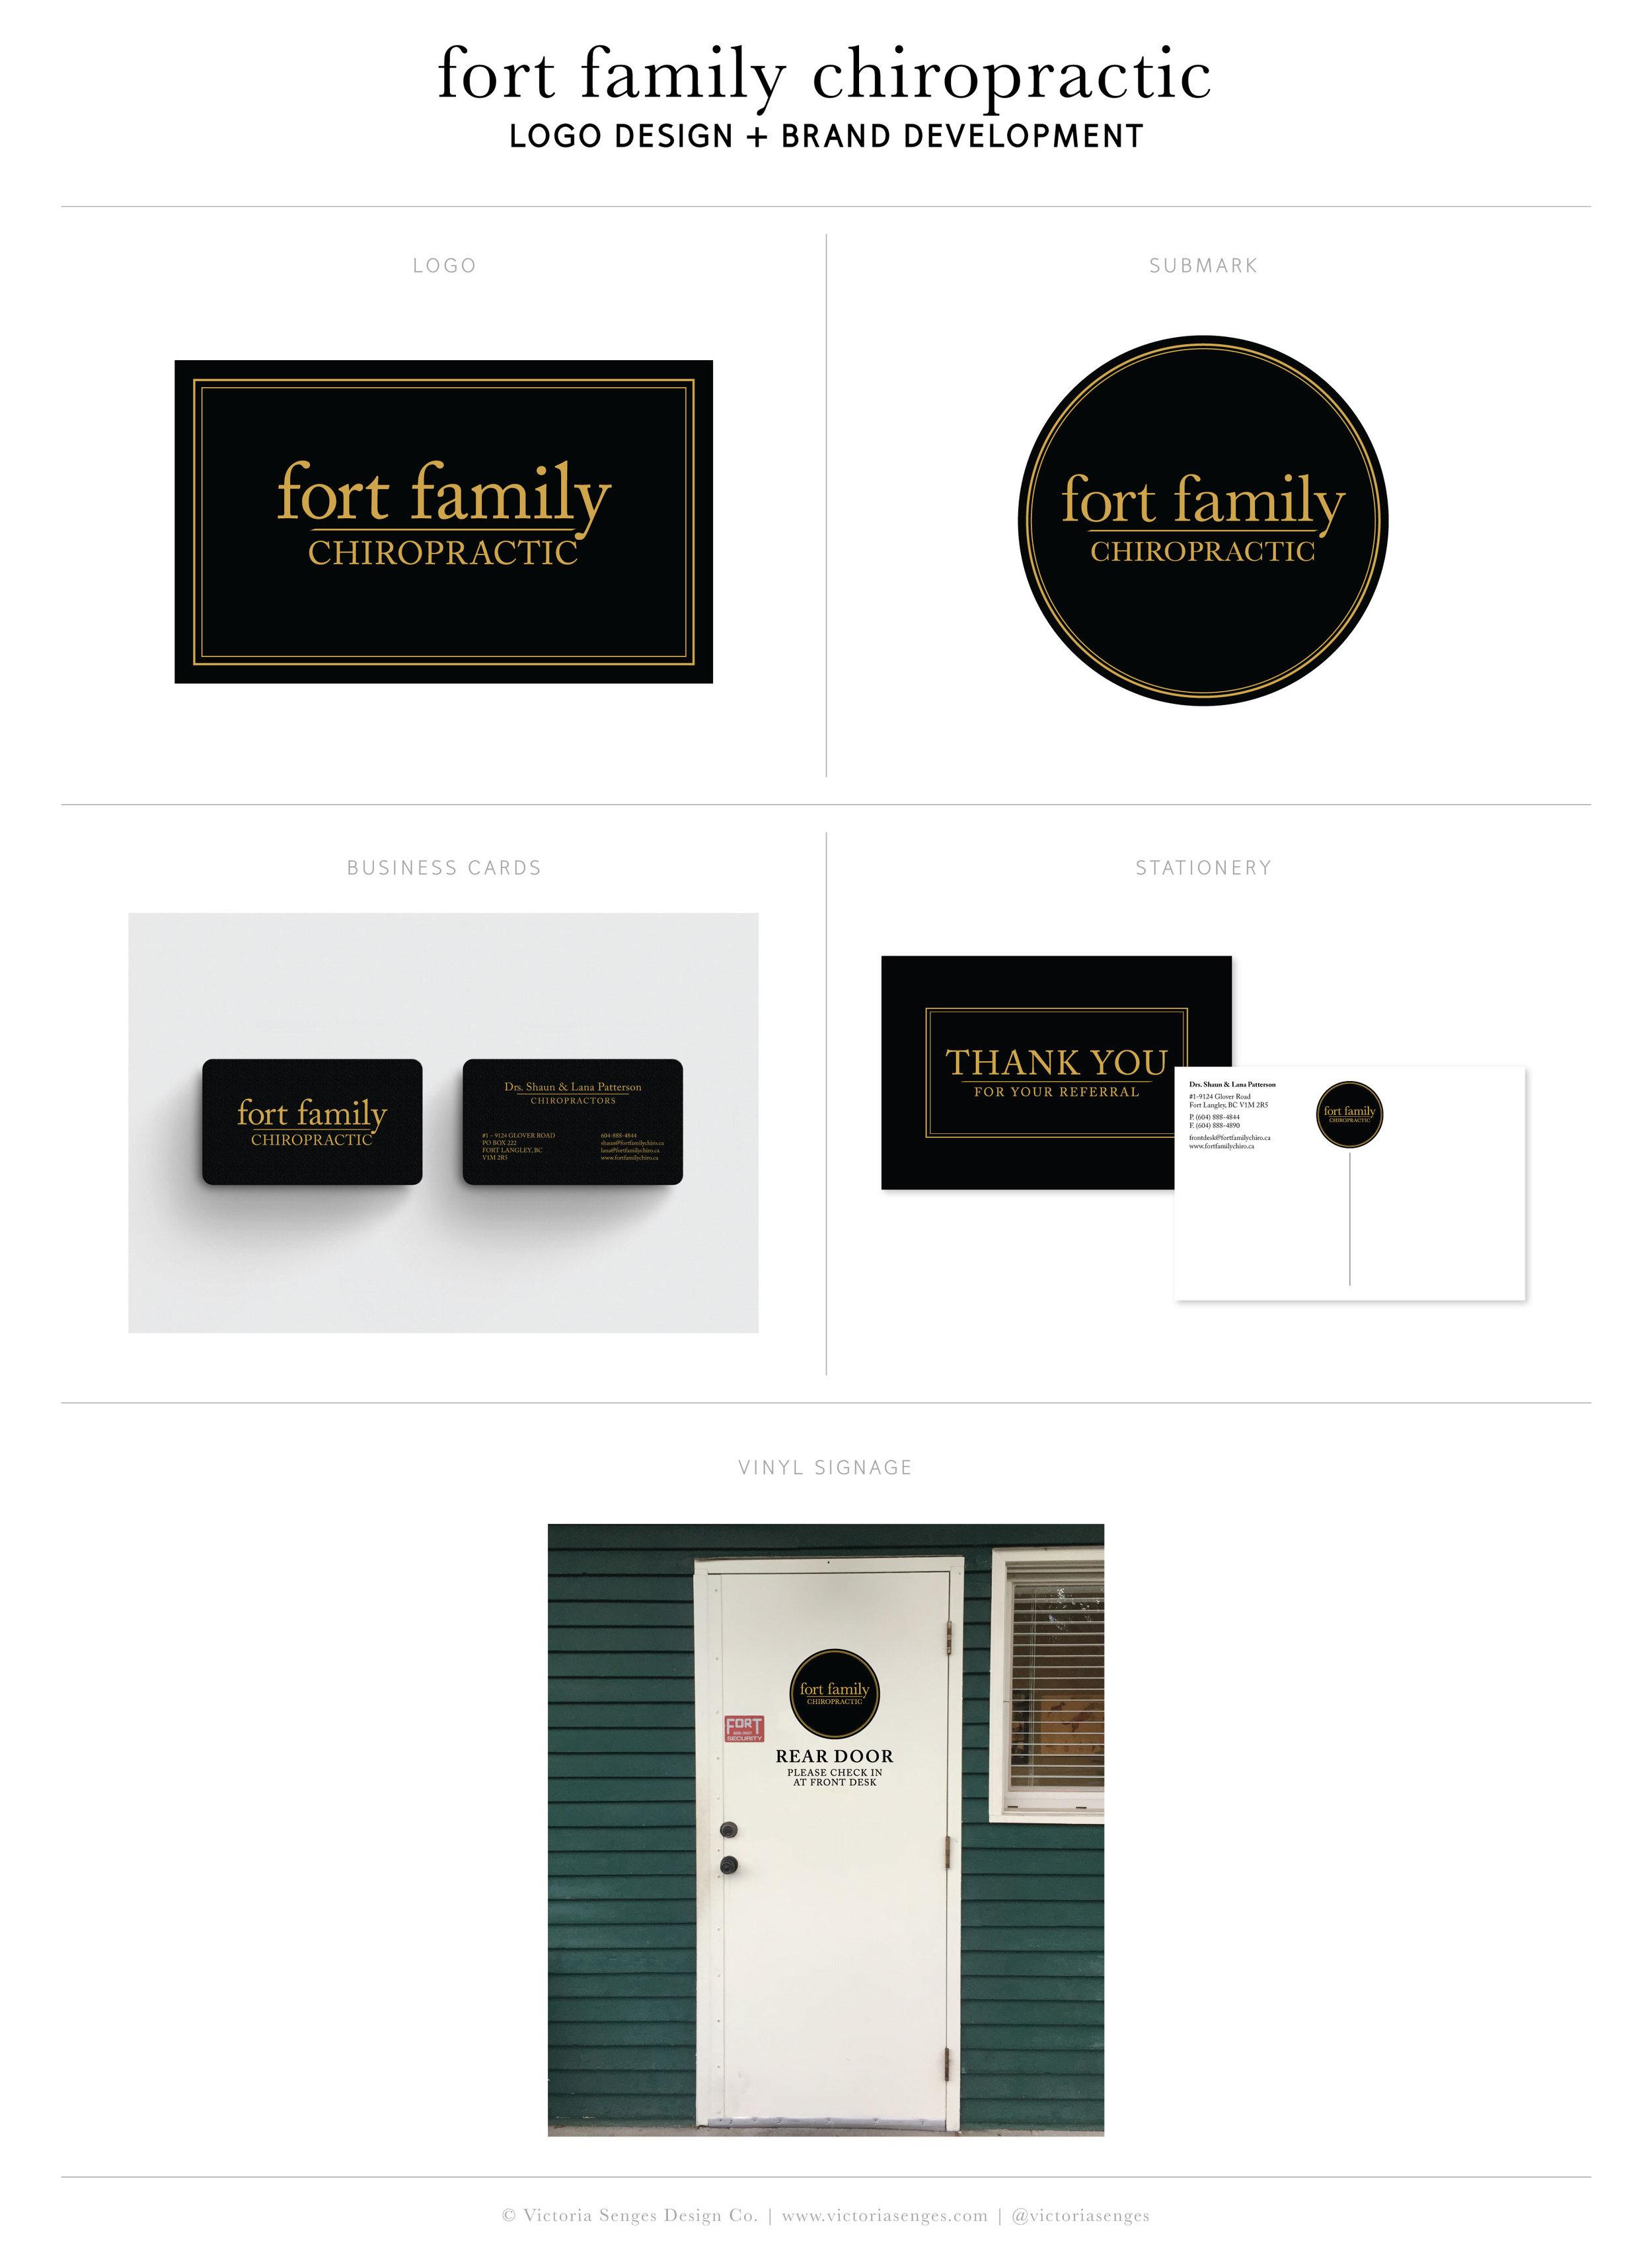 fortfam-branding.jpg